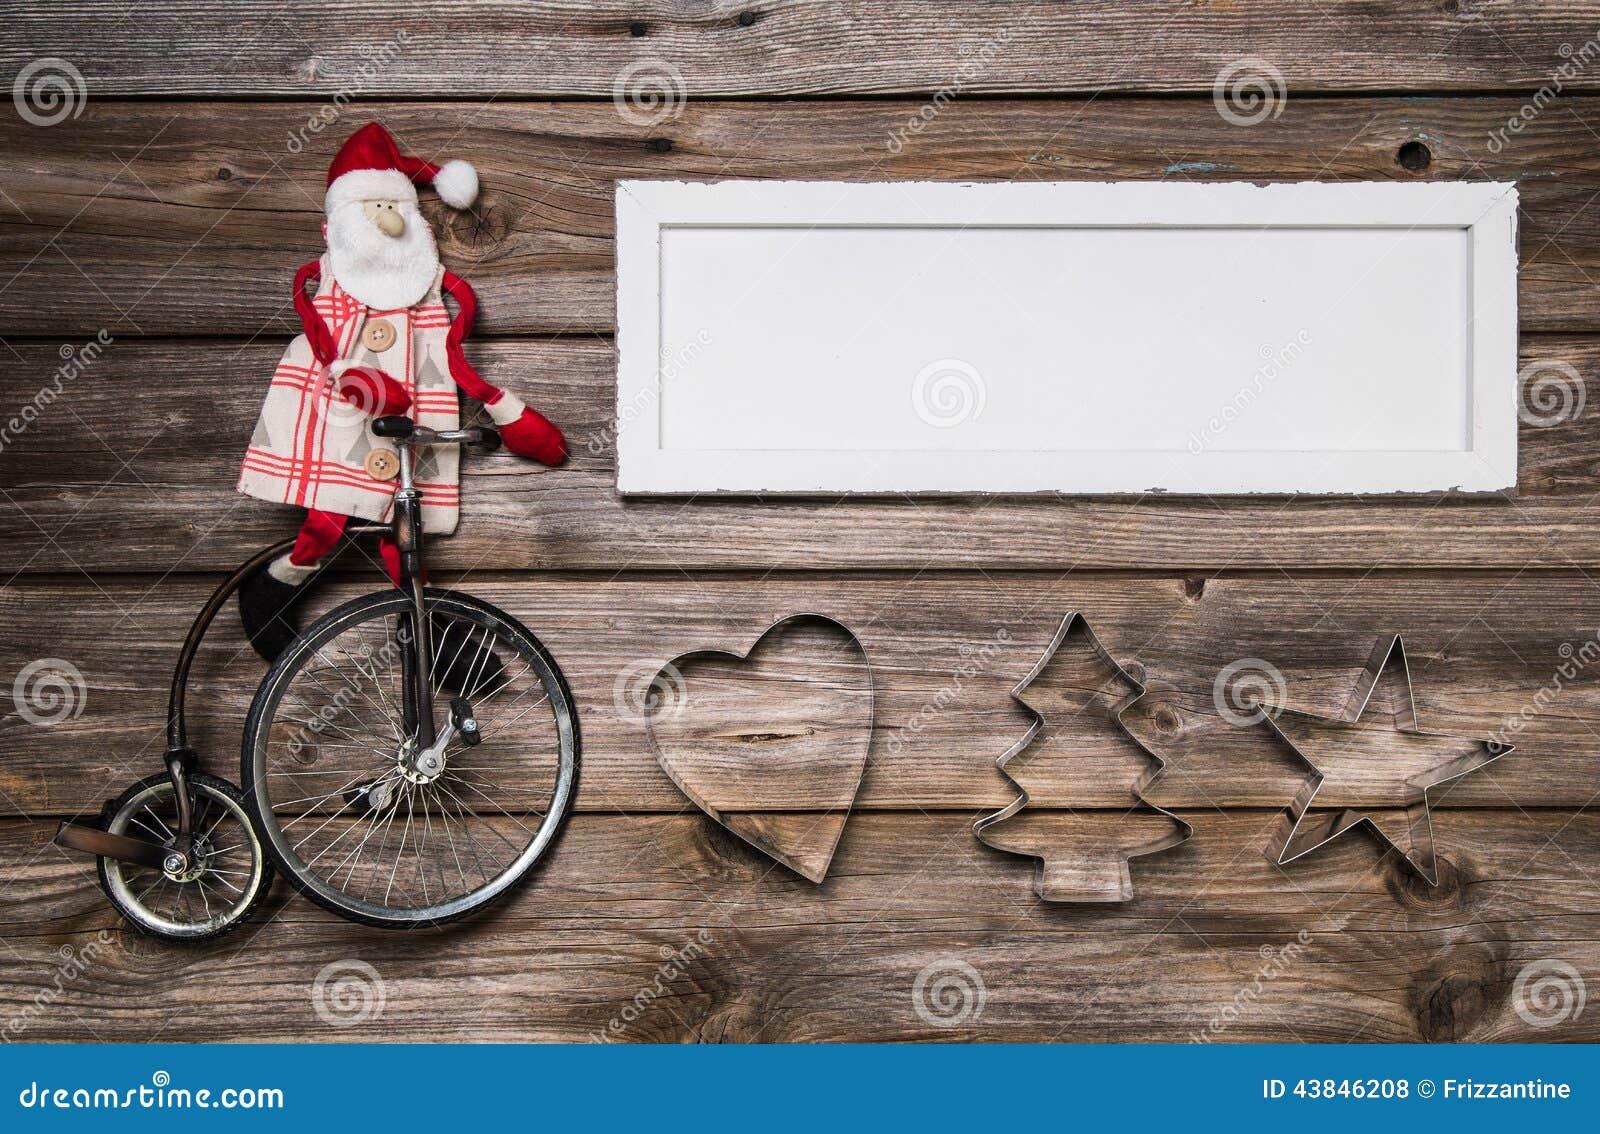 Kerstkaart of reclameteken met rode en witte decoratie